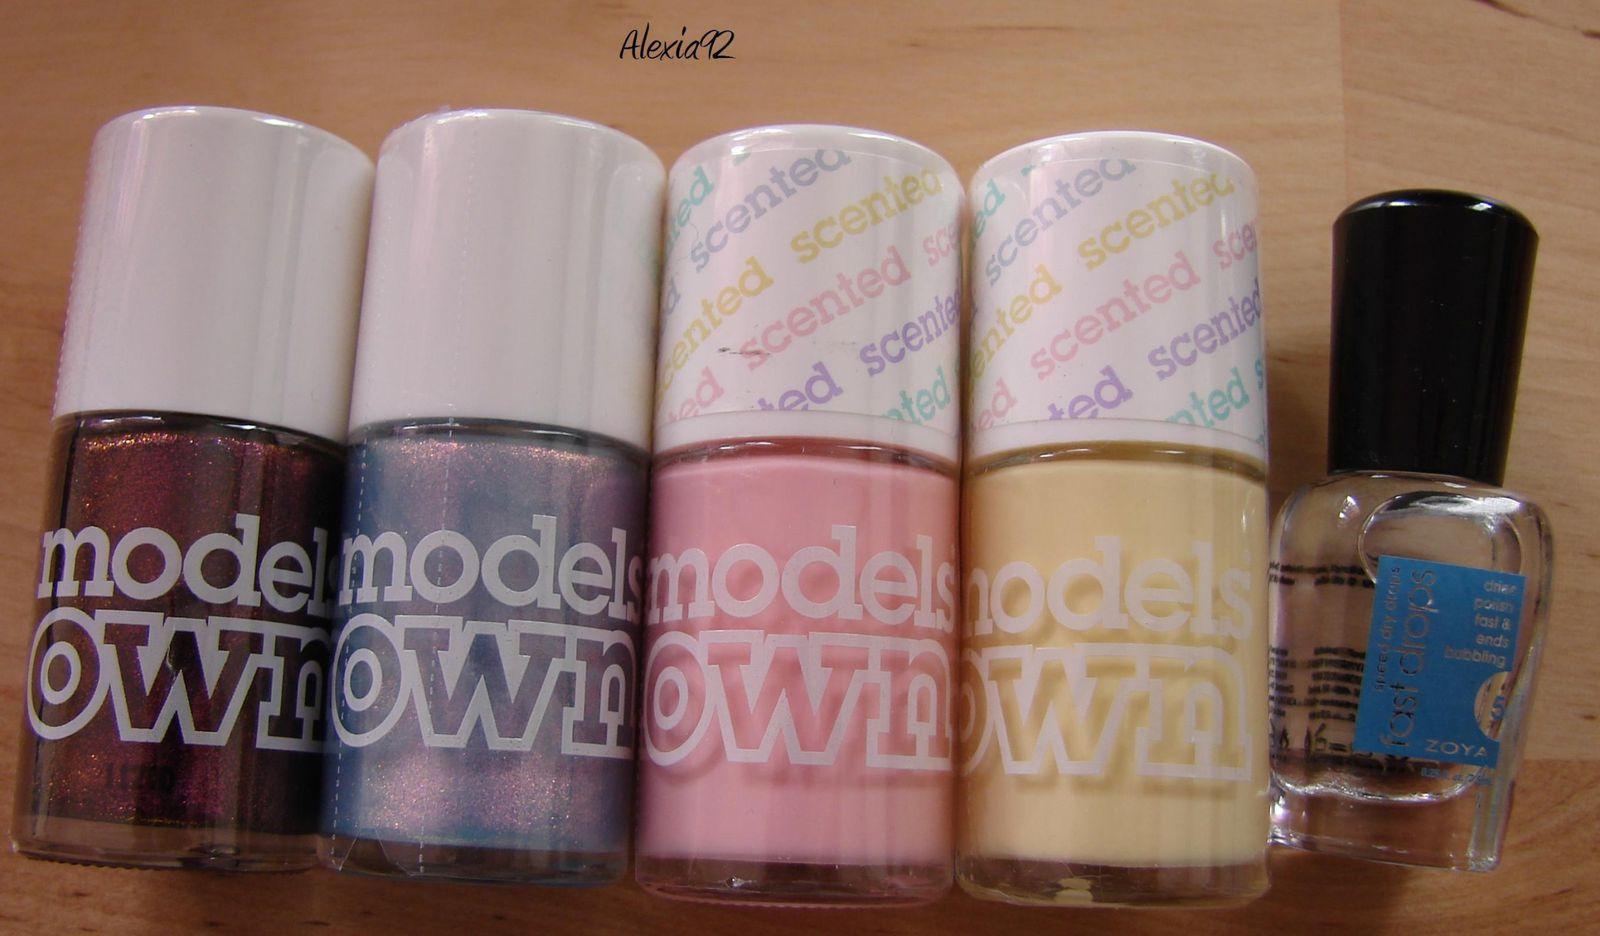 Models Own - Beetlejuice & Pastel Fruit